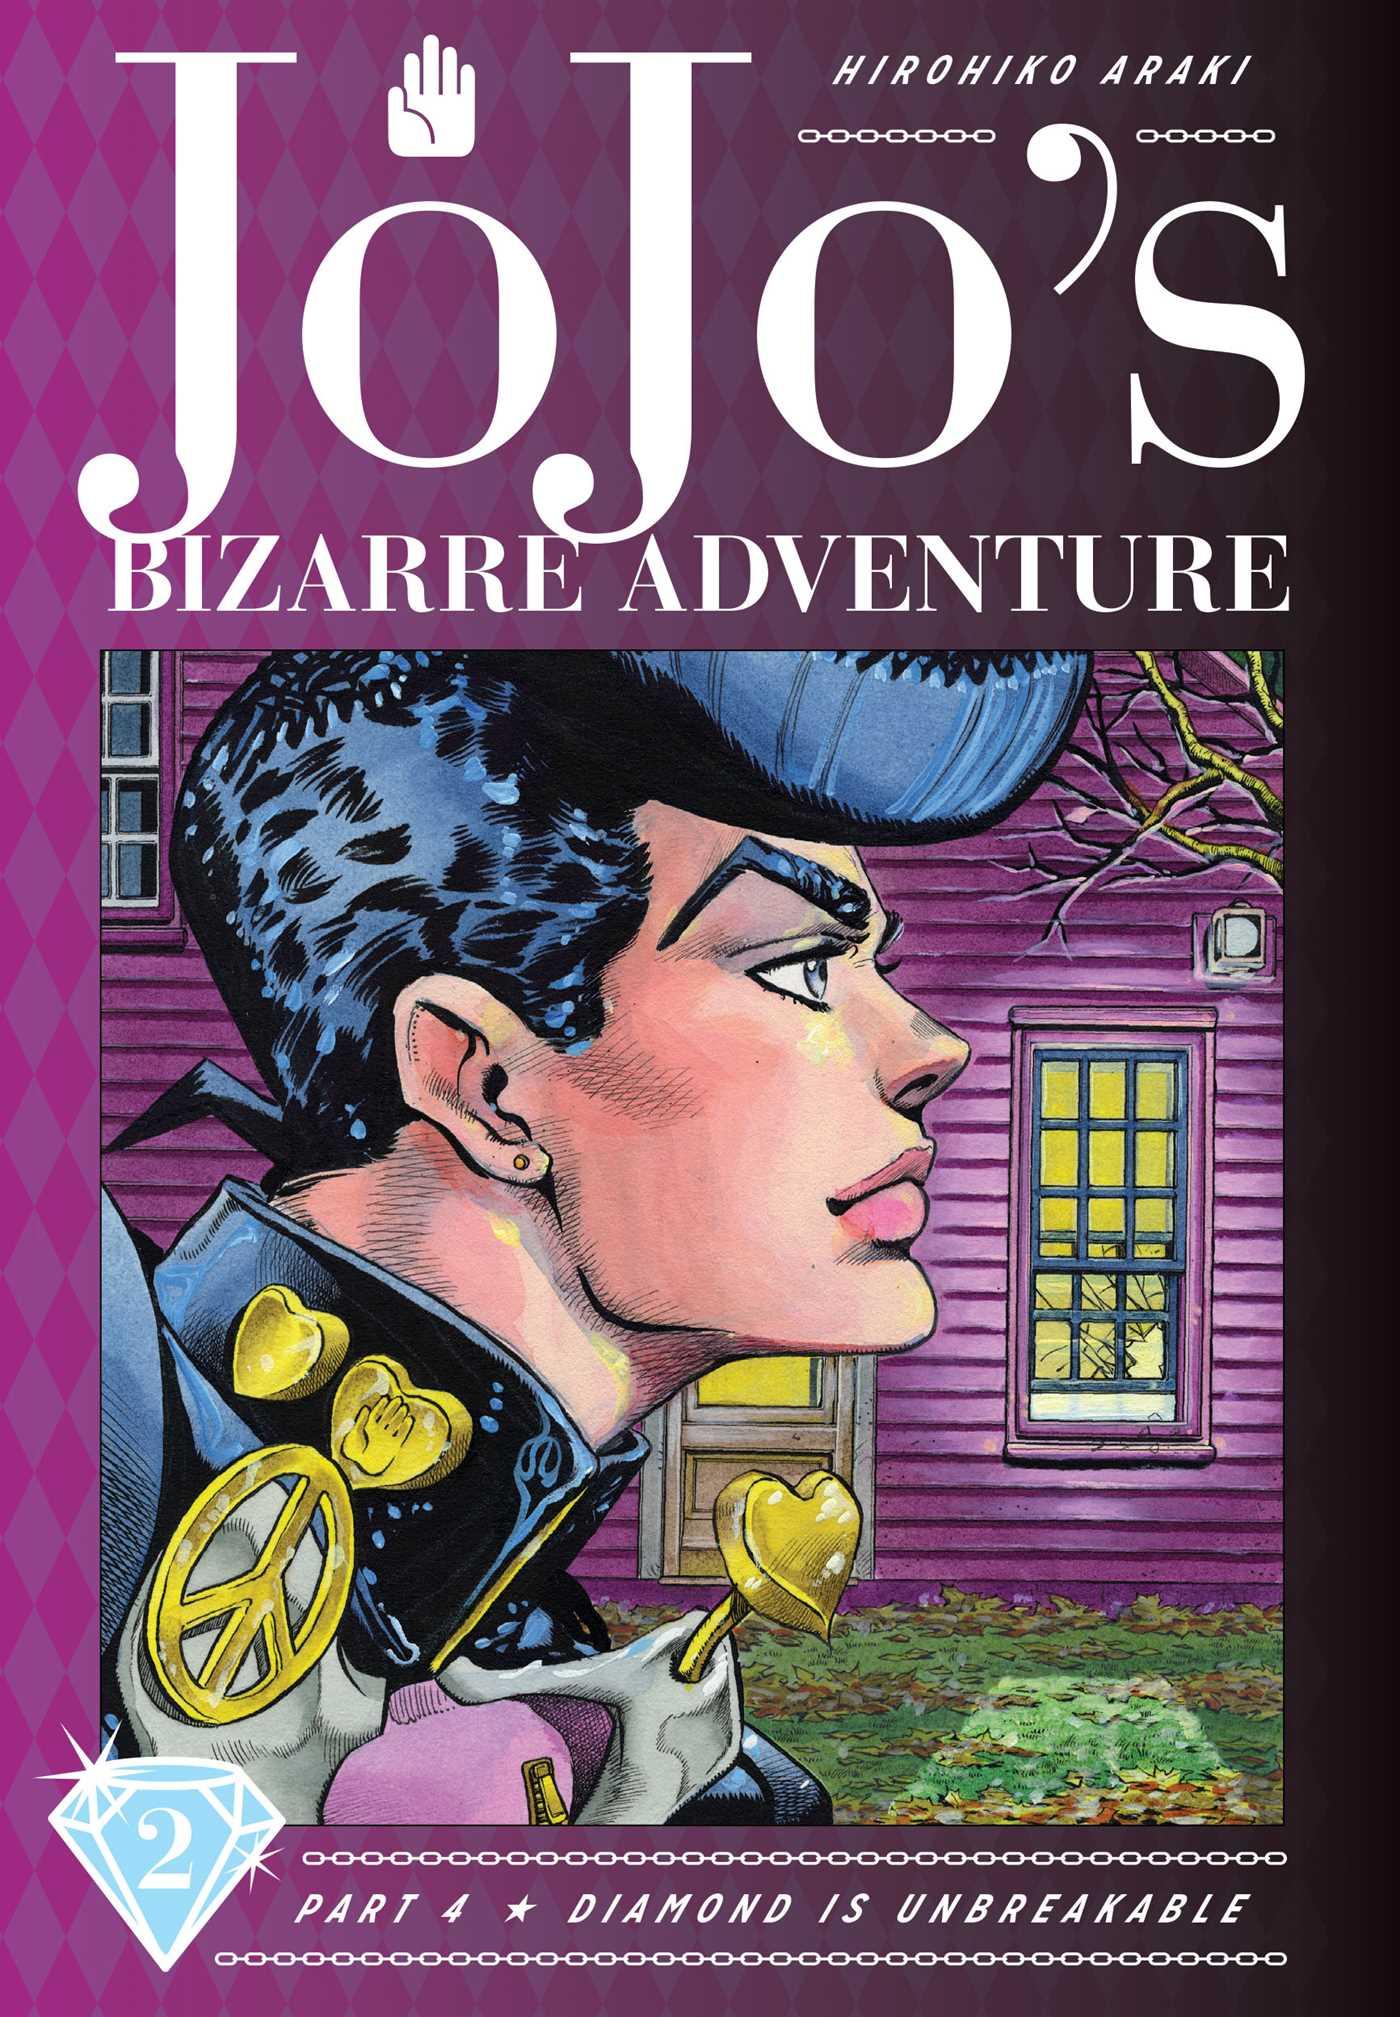 Jojo S Bizarre Adventure Part 4 Diamond Is Unbreakable Vol 2